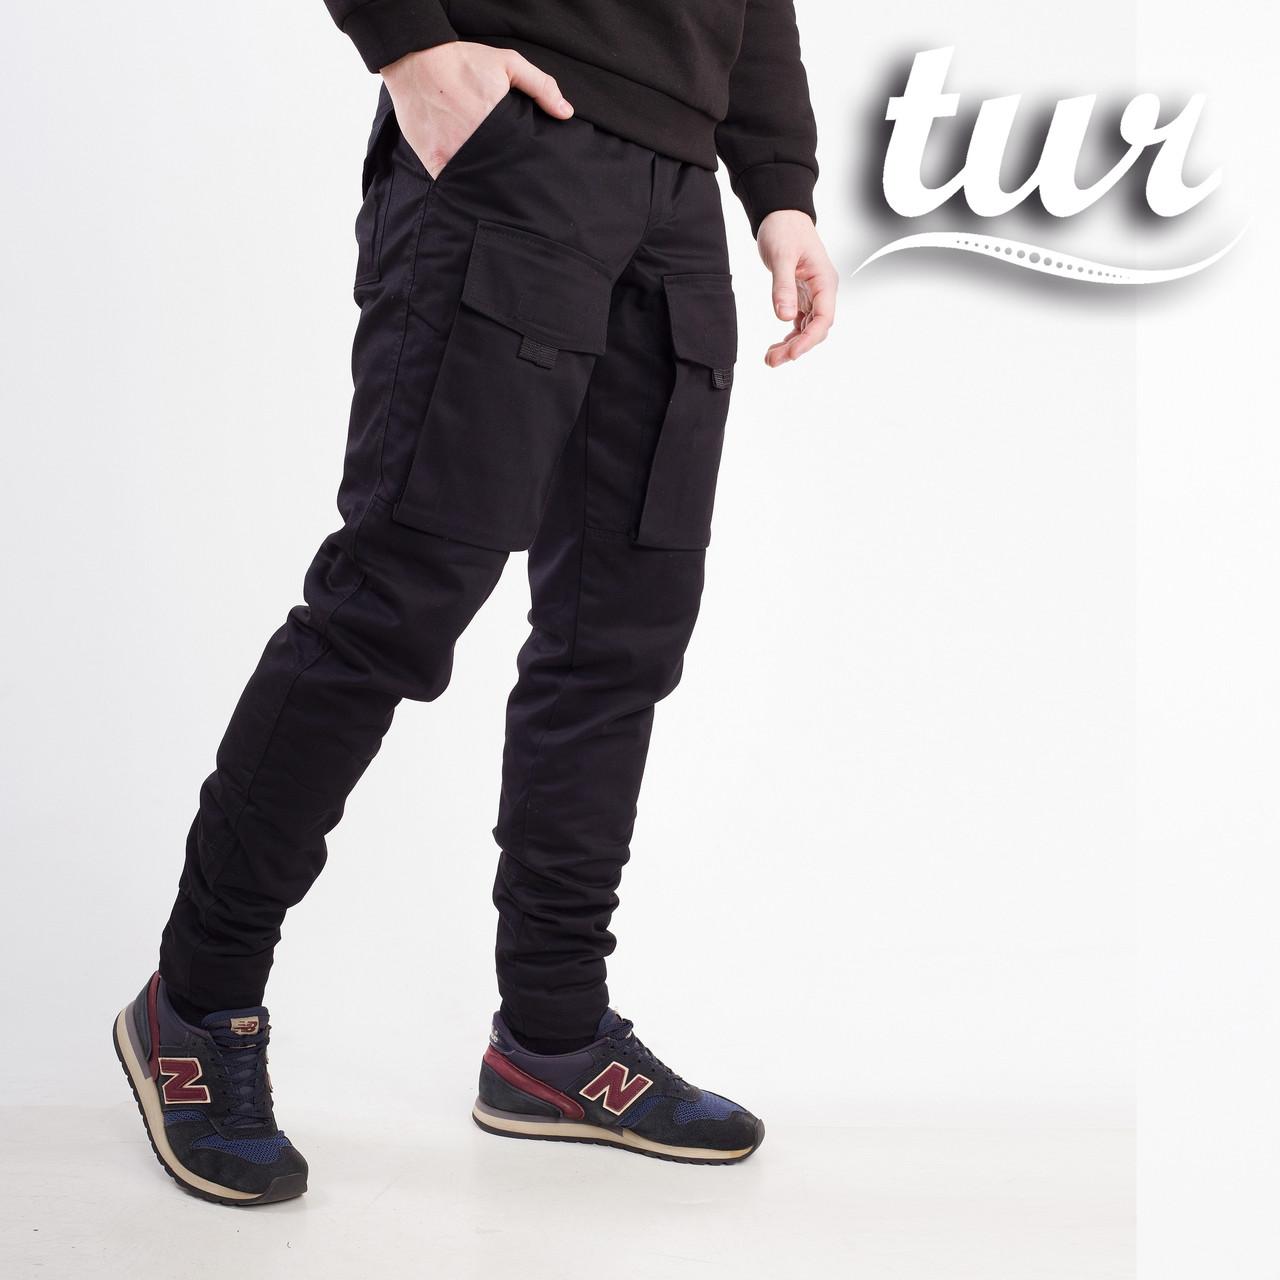 Зимние штаны карго на флисе мужские черные бренд ТУР модель Один (Odin) размер S,M,L,XL,XXL